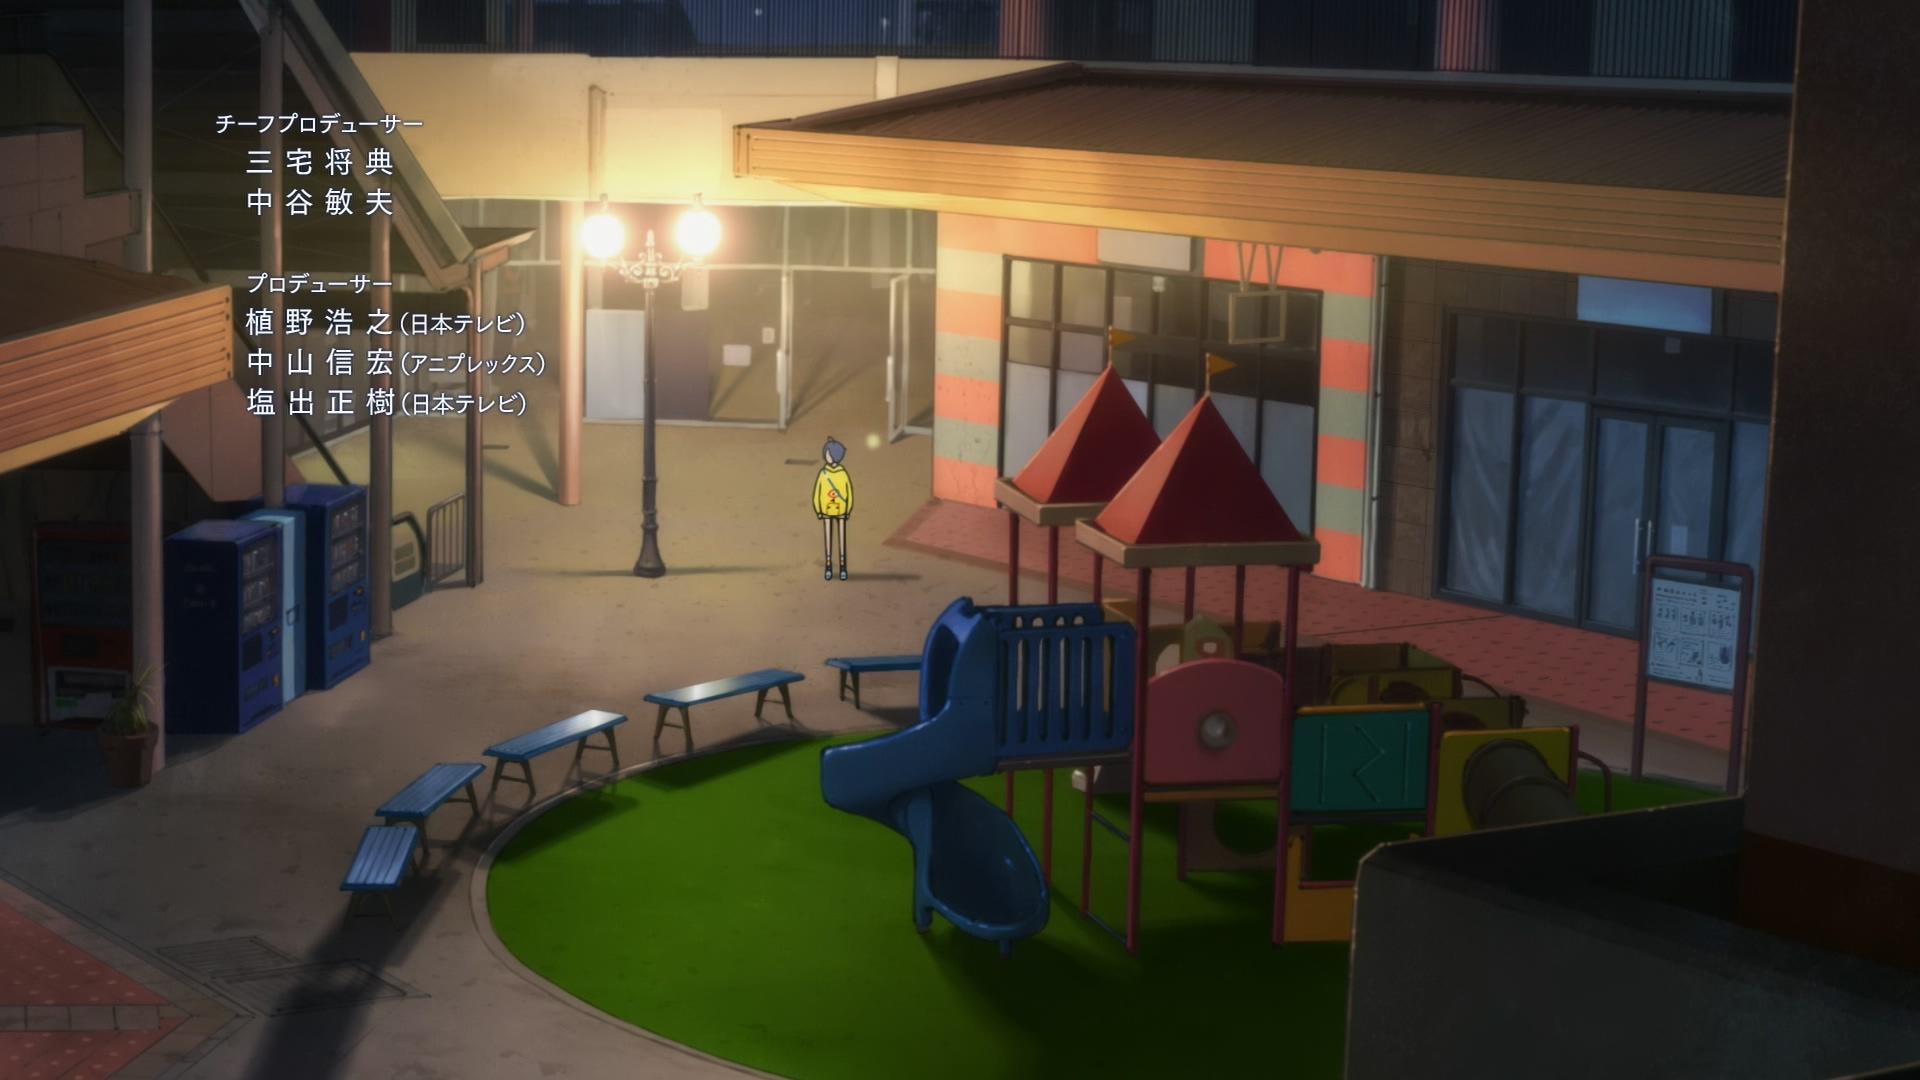 开播豆瓣9.3的校园霸凌动画,《奇蛋物语》演出浅析